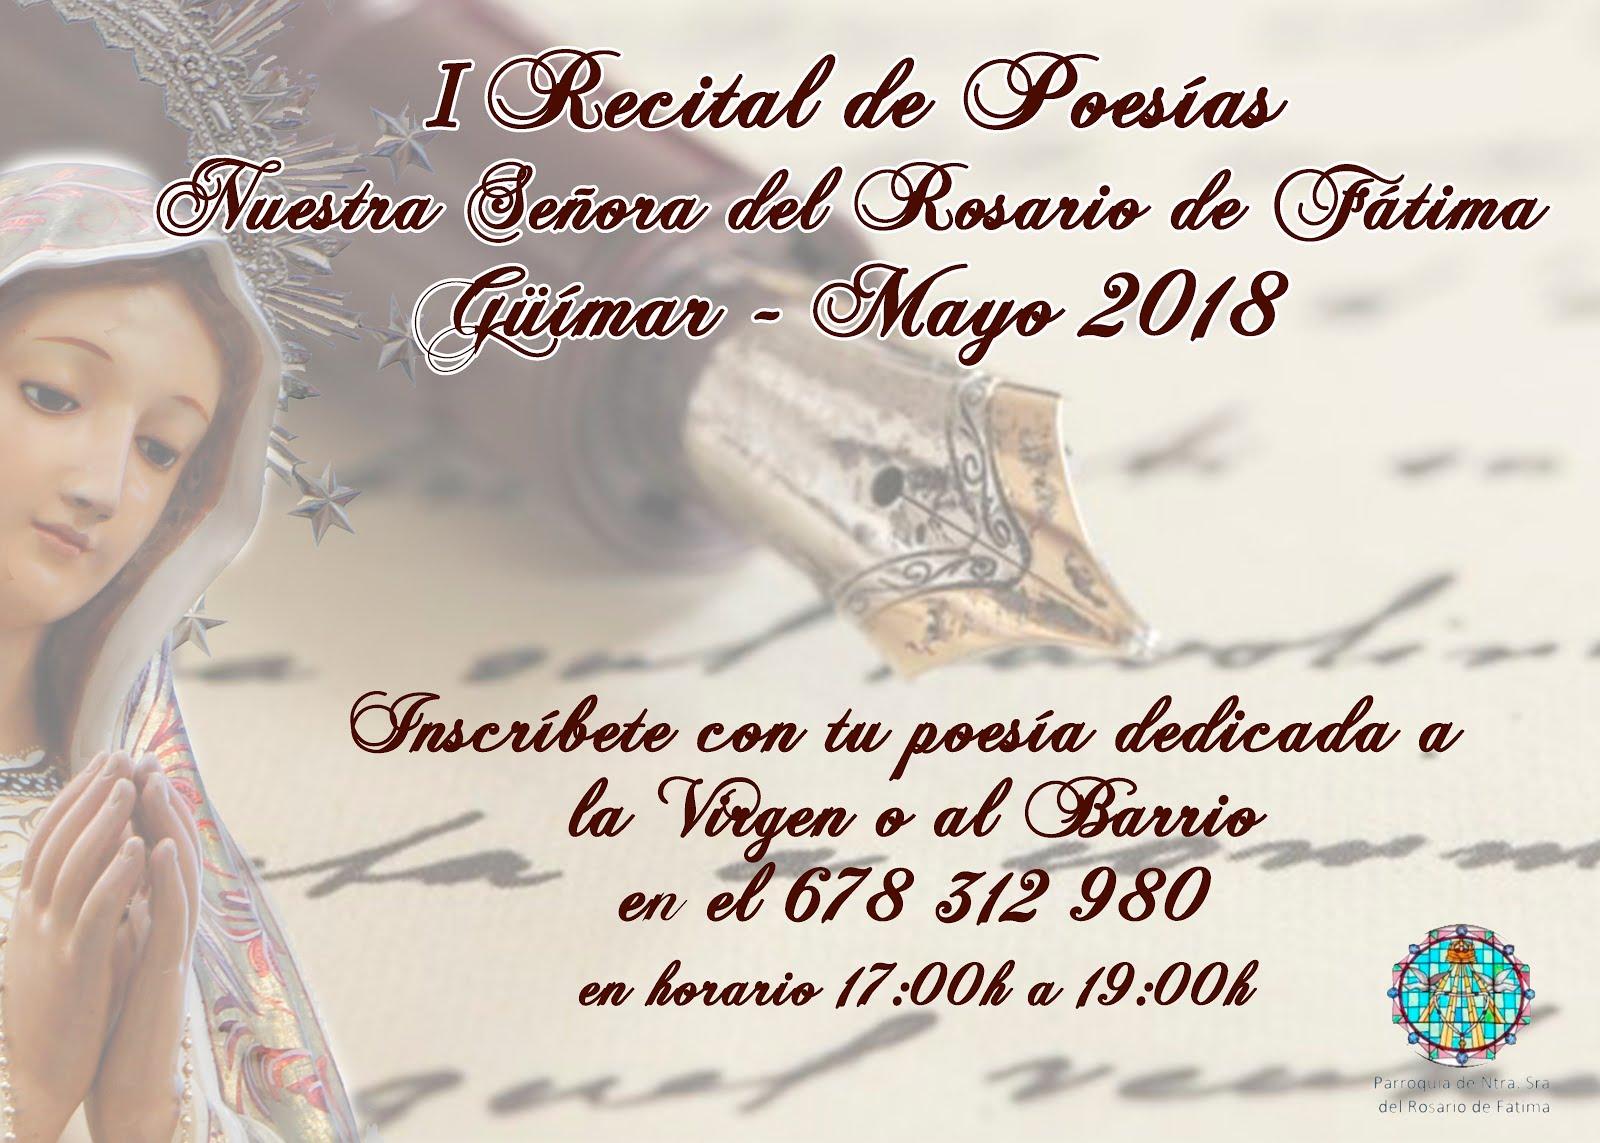 Inscríbete en el I Recital de Poesía  Ntra. Sra. del Rosario de Fátima. Pincha en el cartel